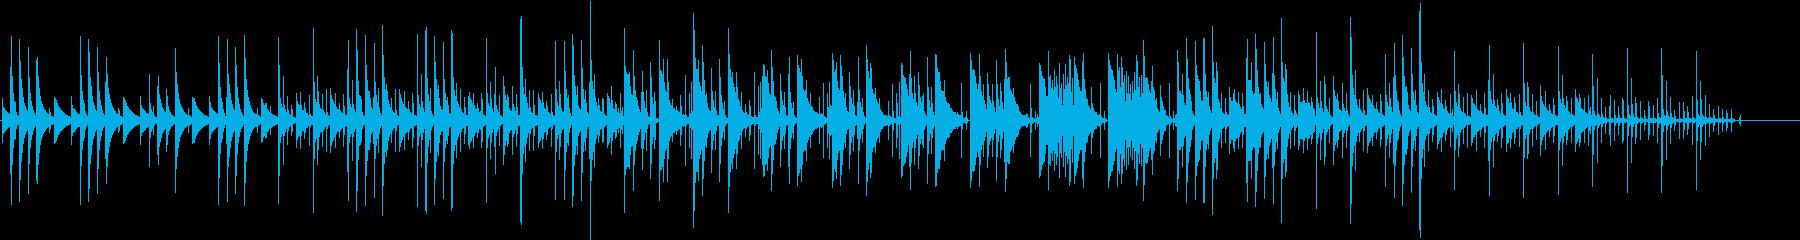 ゆったりと寛ぎたい時に聞く曲の再生済みの波形